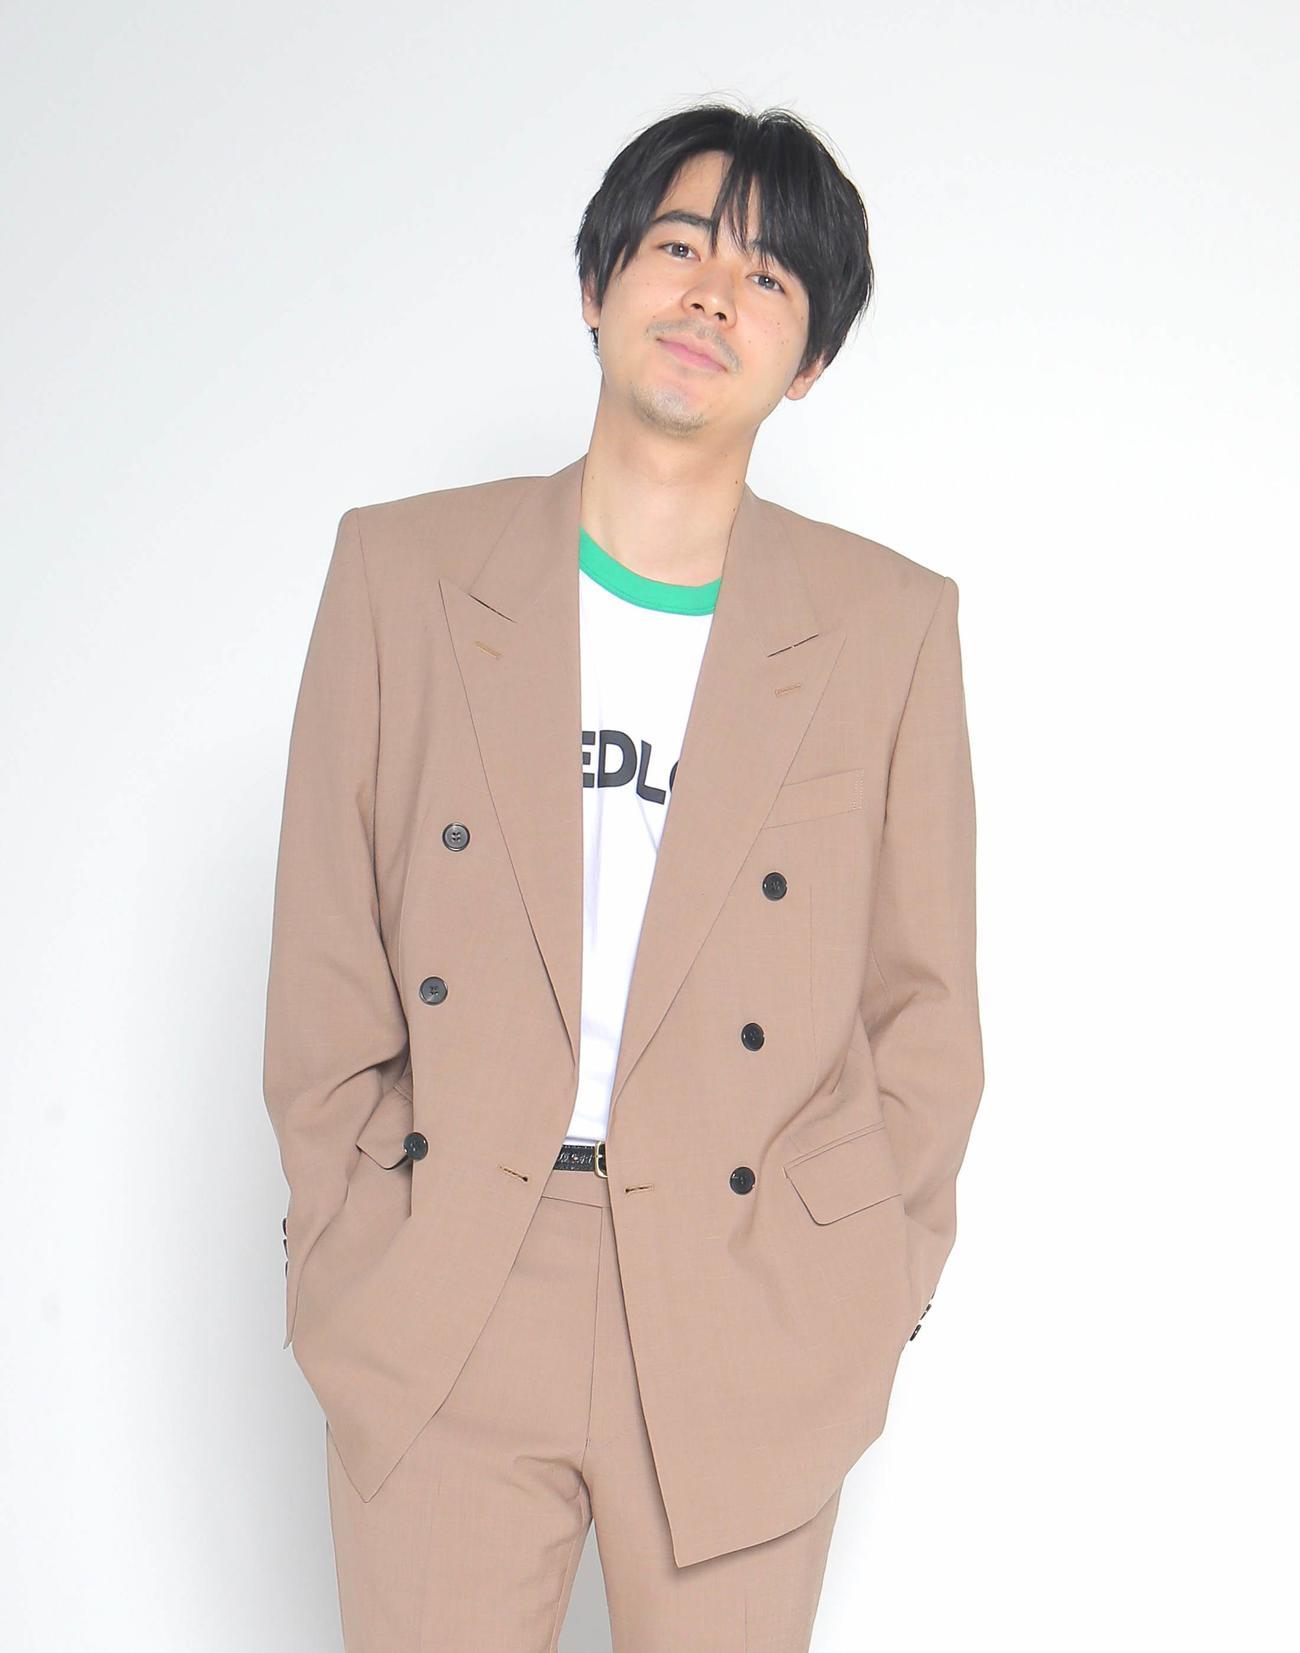 ブルーリボン賞助演男優賞を受賞した成田凌(代表撮影)